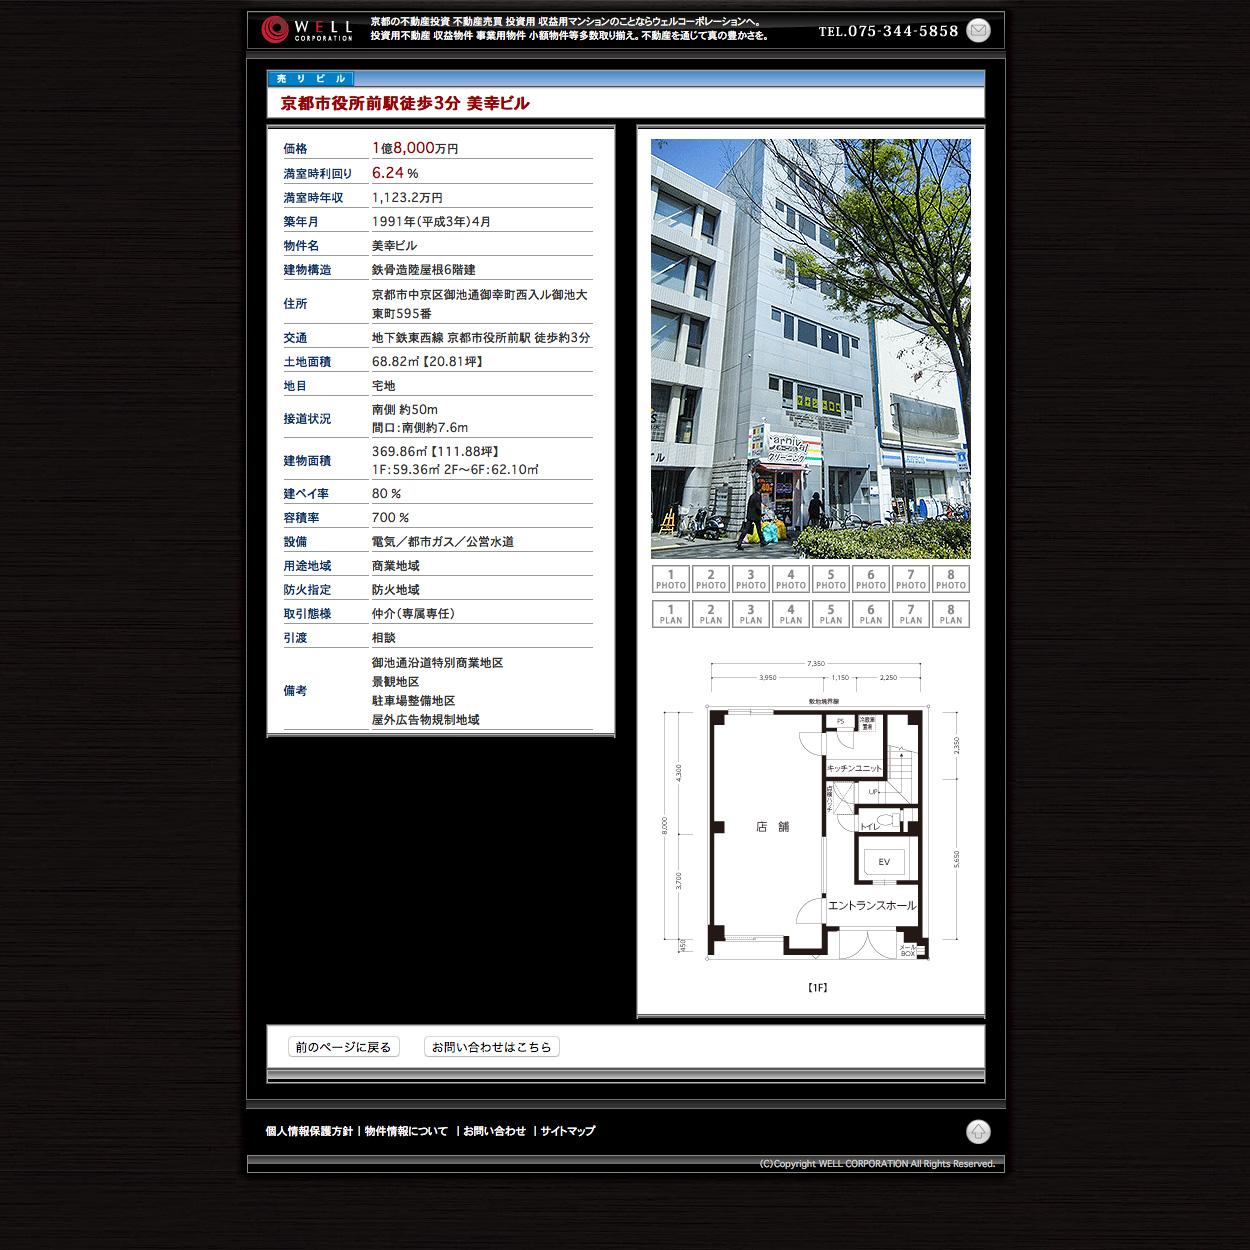 株式会社ウェルコーポレーション 物件情報ページ